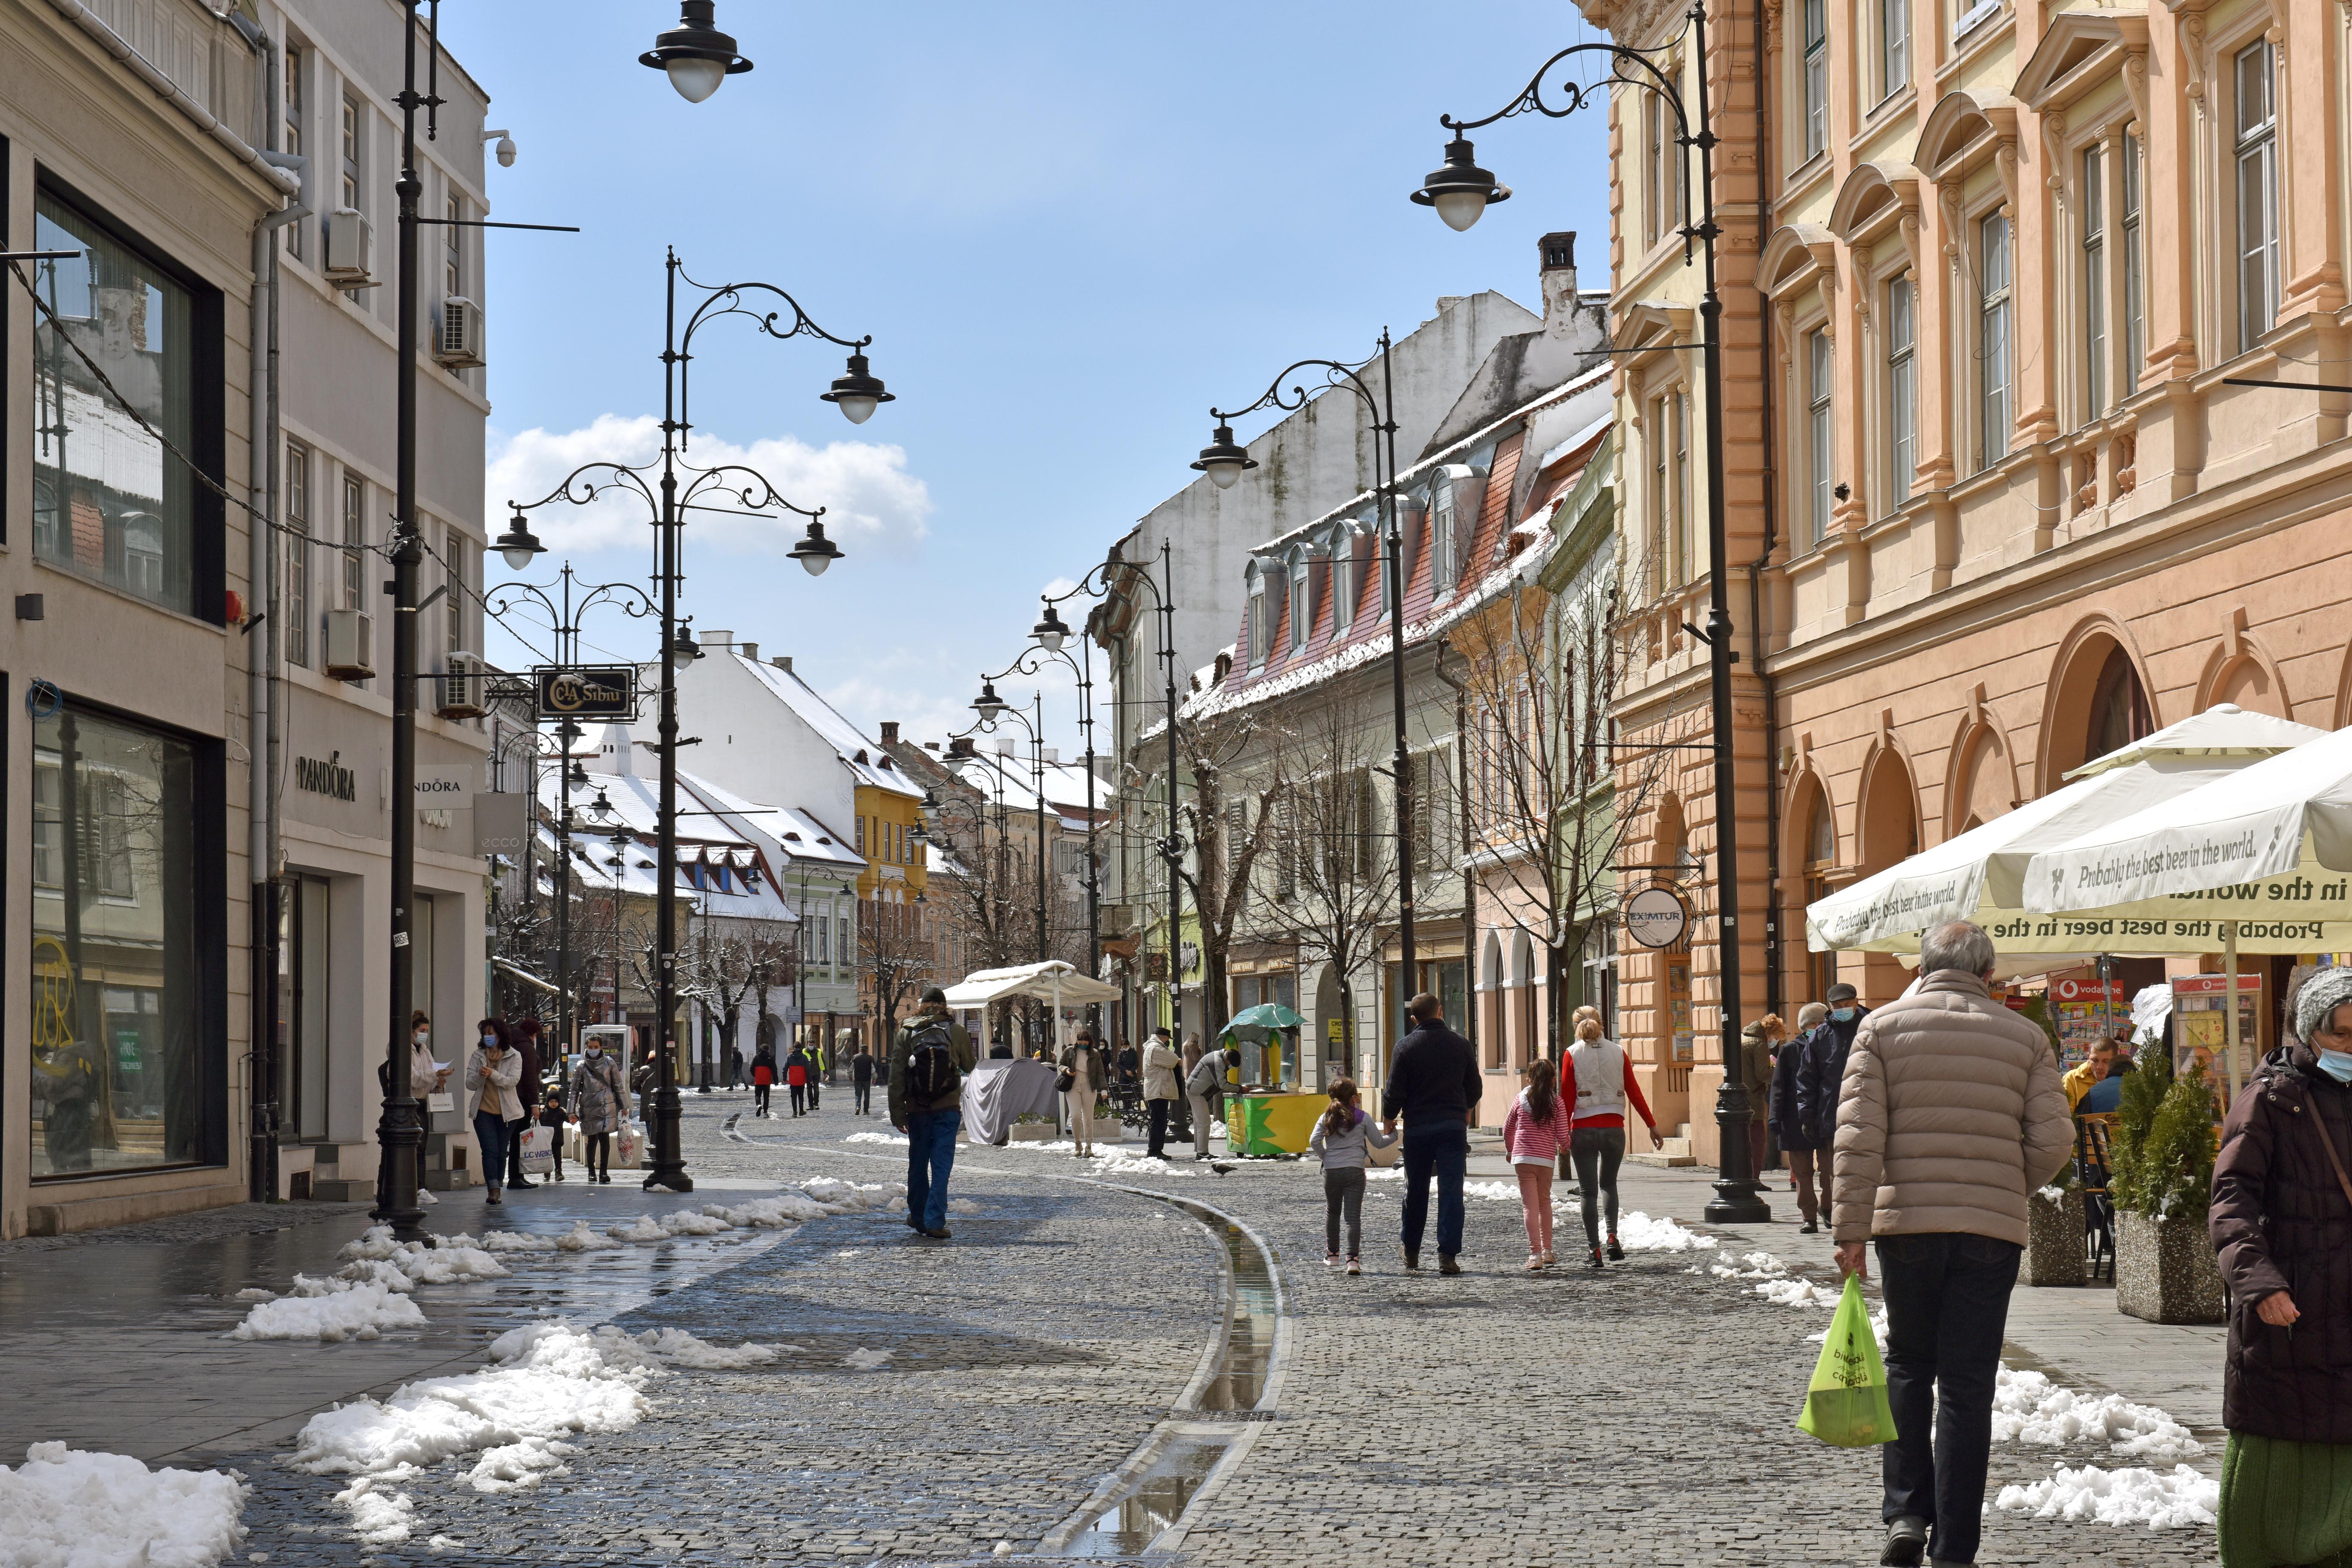 Incidența este în scădere în Cisnădie și Sibiu, dar crește în Șelimbăr. Situația în localitățile județului